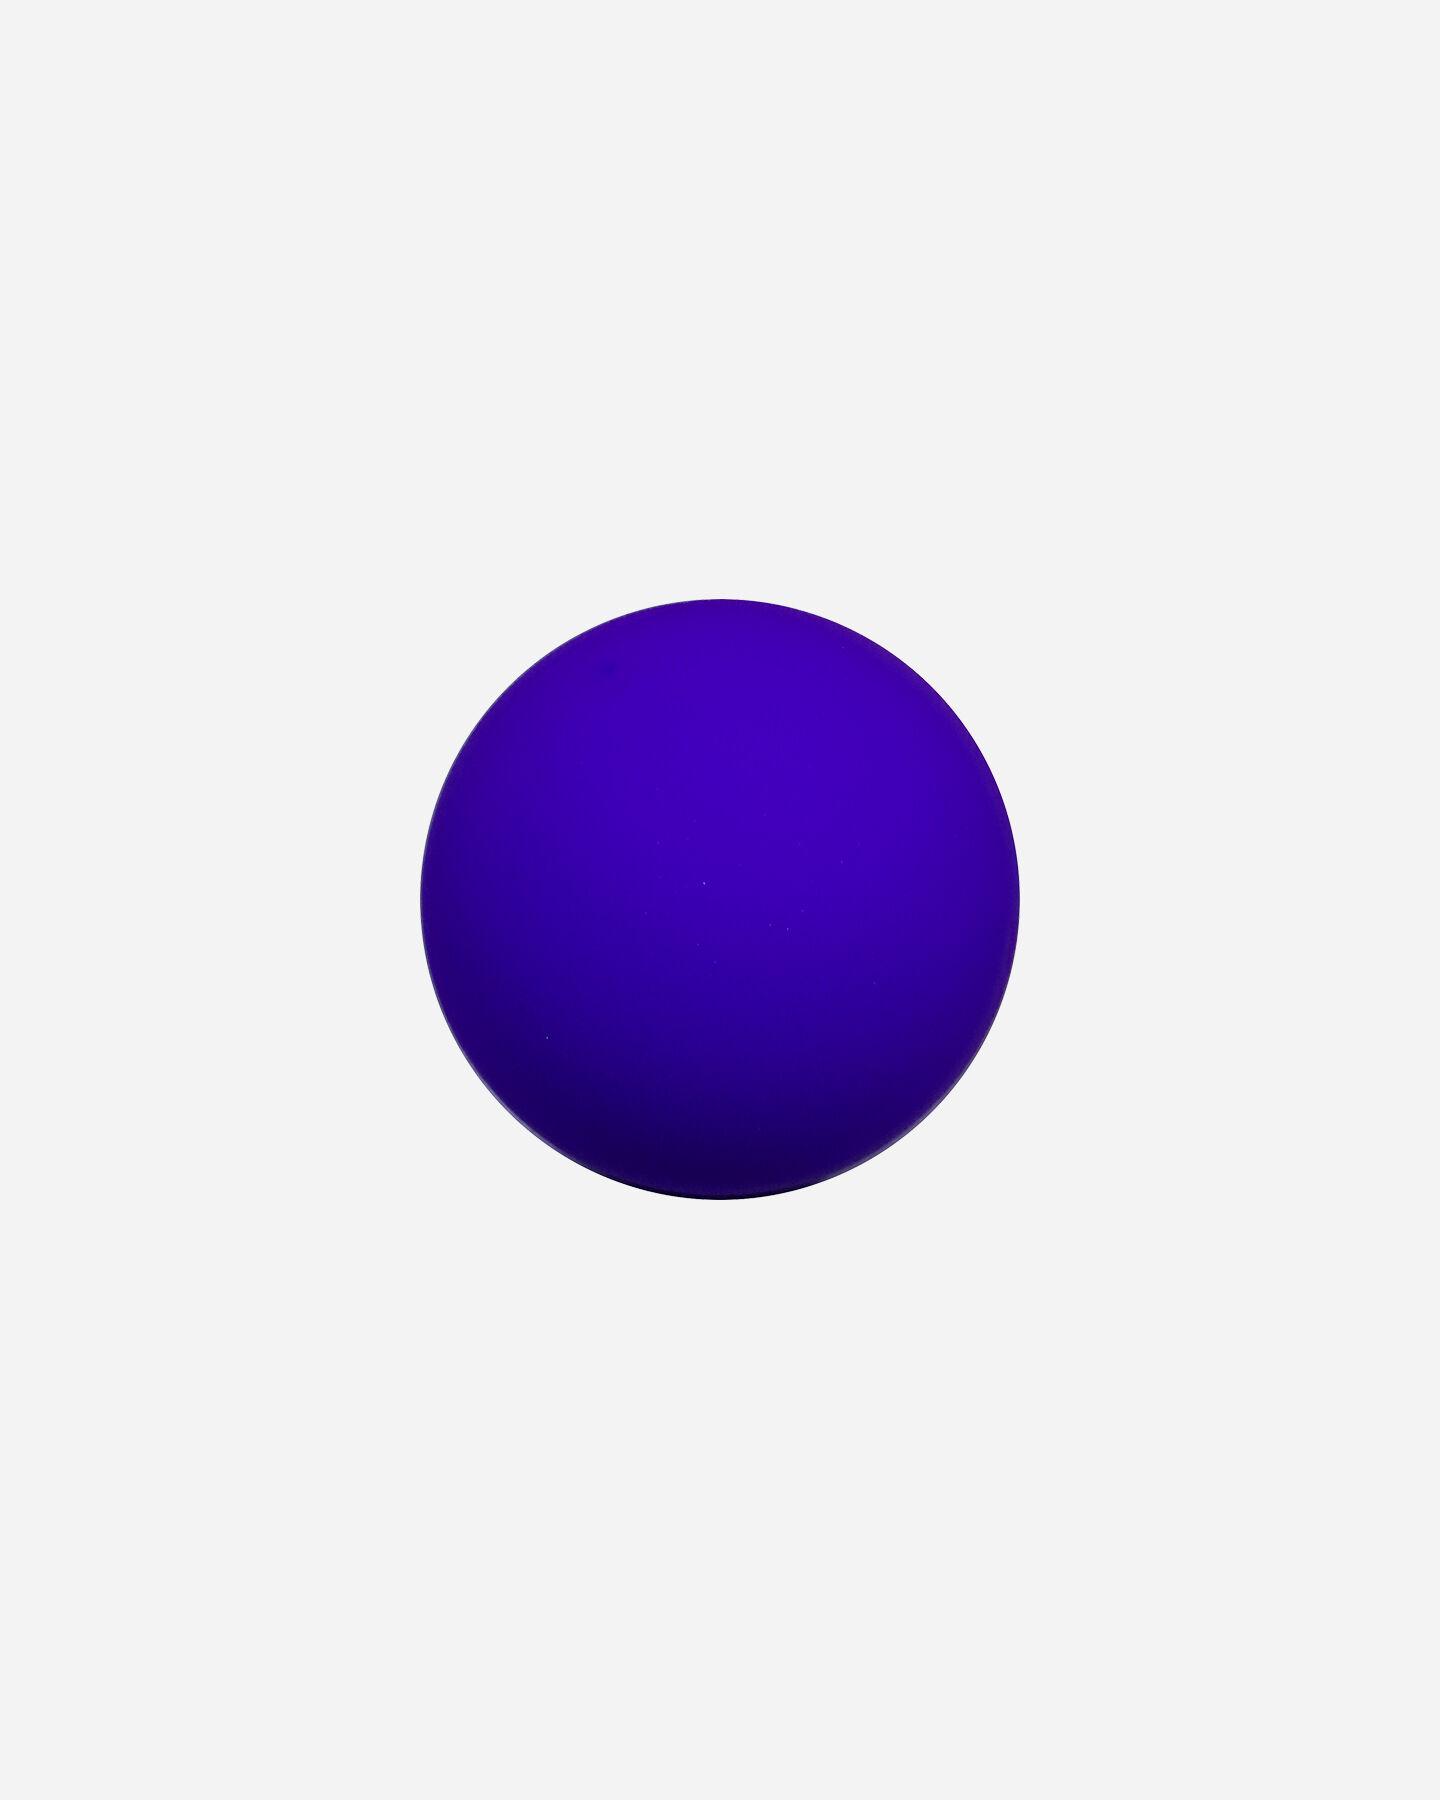 Pallone sport vari ATABIANO PALLE SPUGNA D70 3PZ S4001909|1|UNI scatto 3